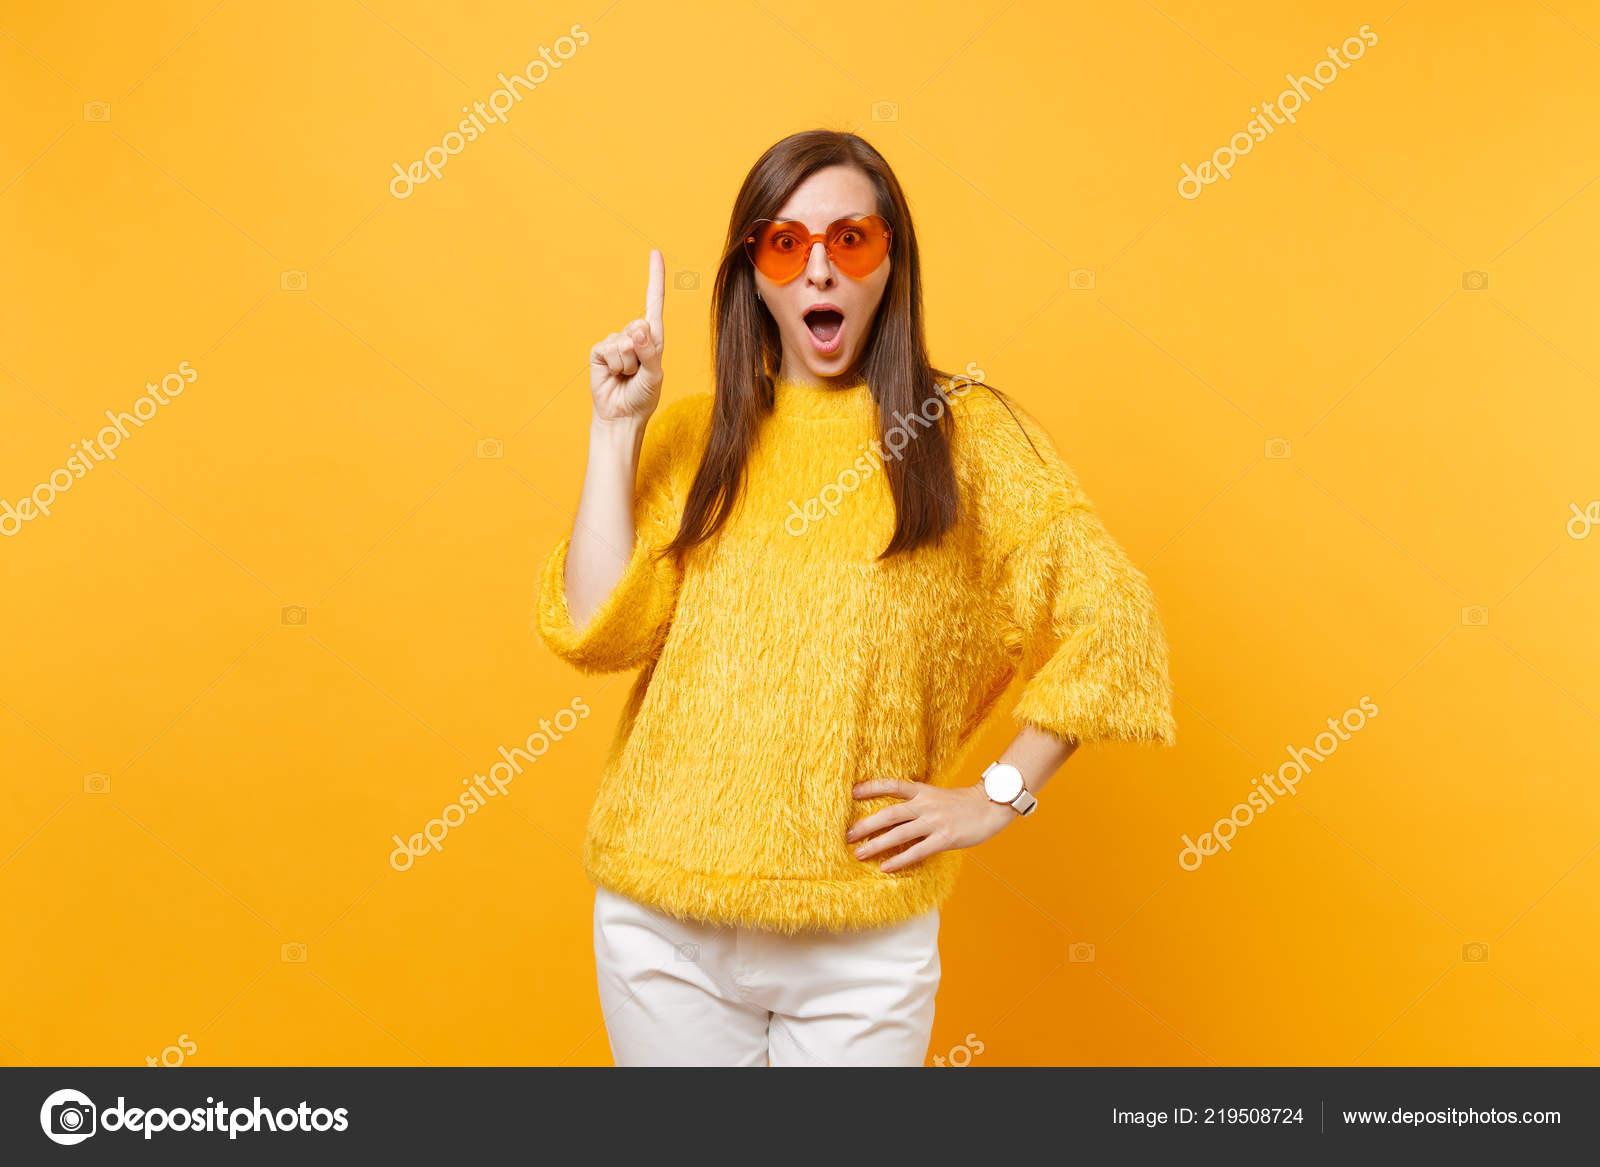 Sorprendido Joven Emocionada Suéter Gafas Corazón Naranja Apuntando ... 7a0ee2dc24de